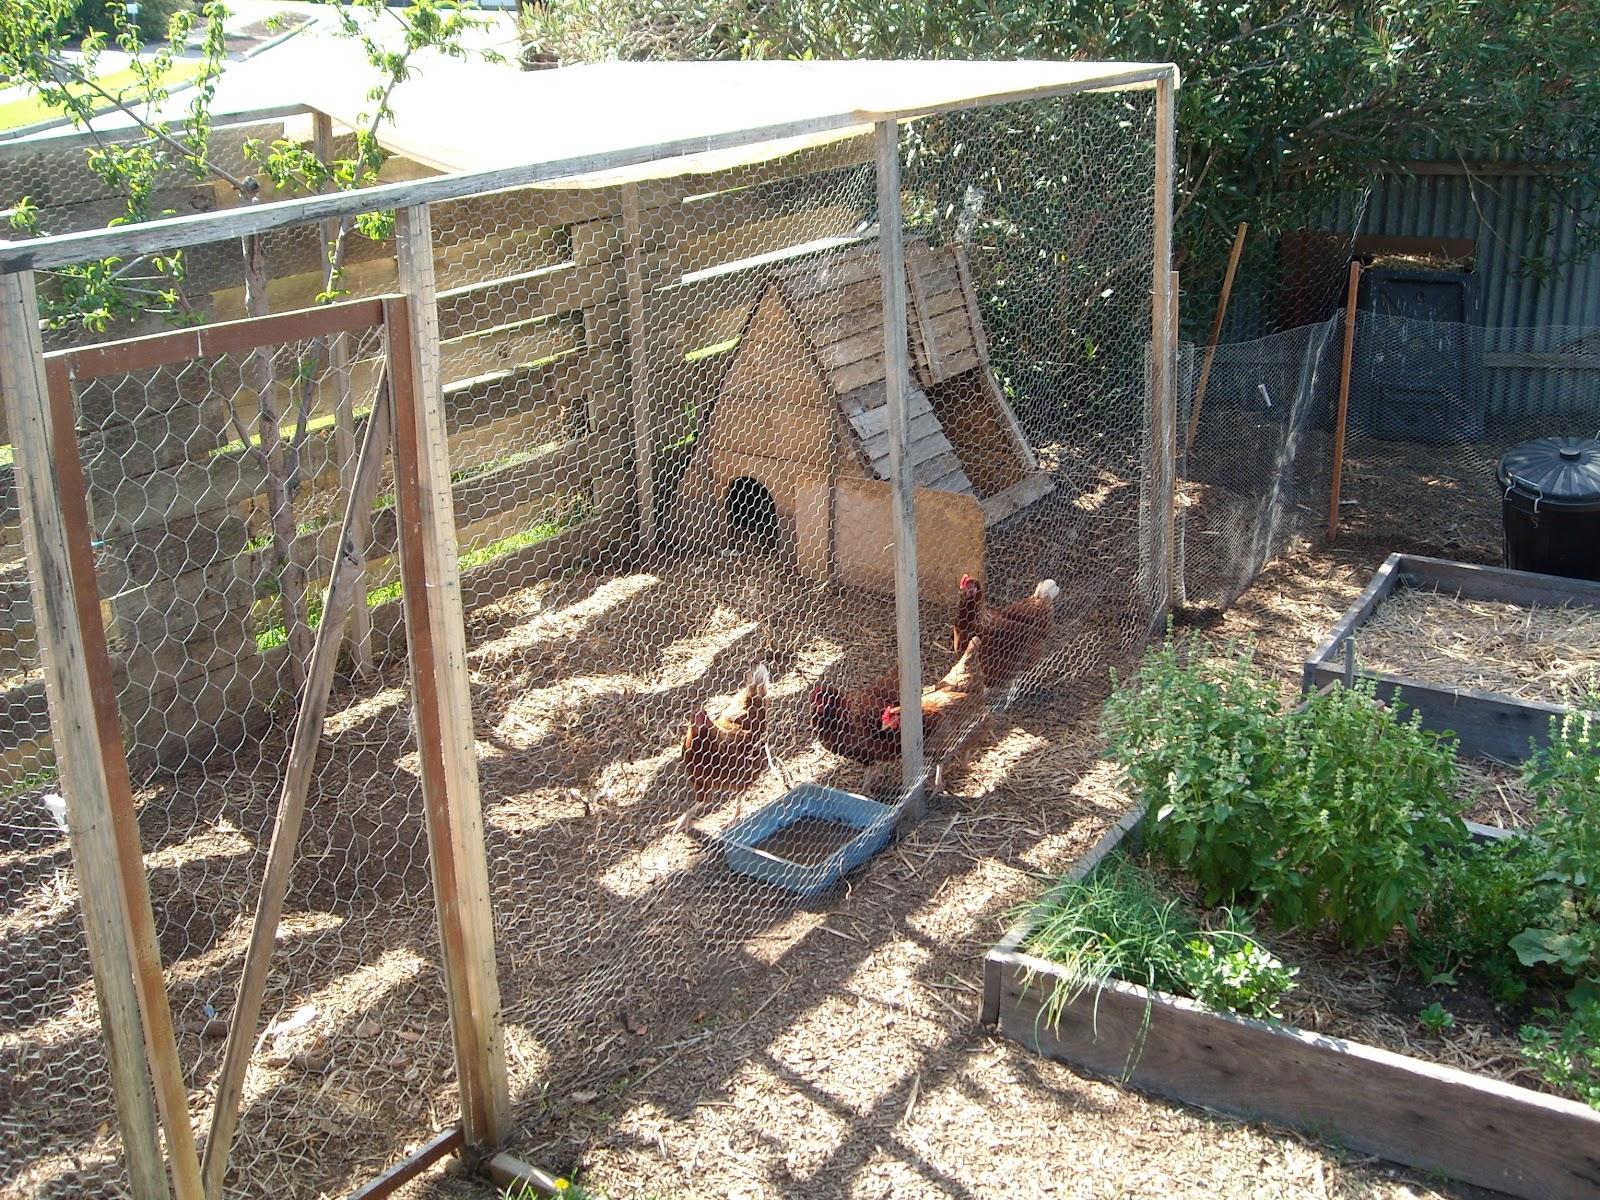 Zucchini Island Chicken Enclosure Designs Be Creative